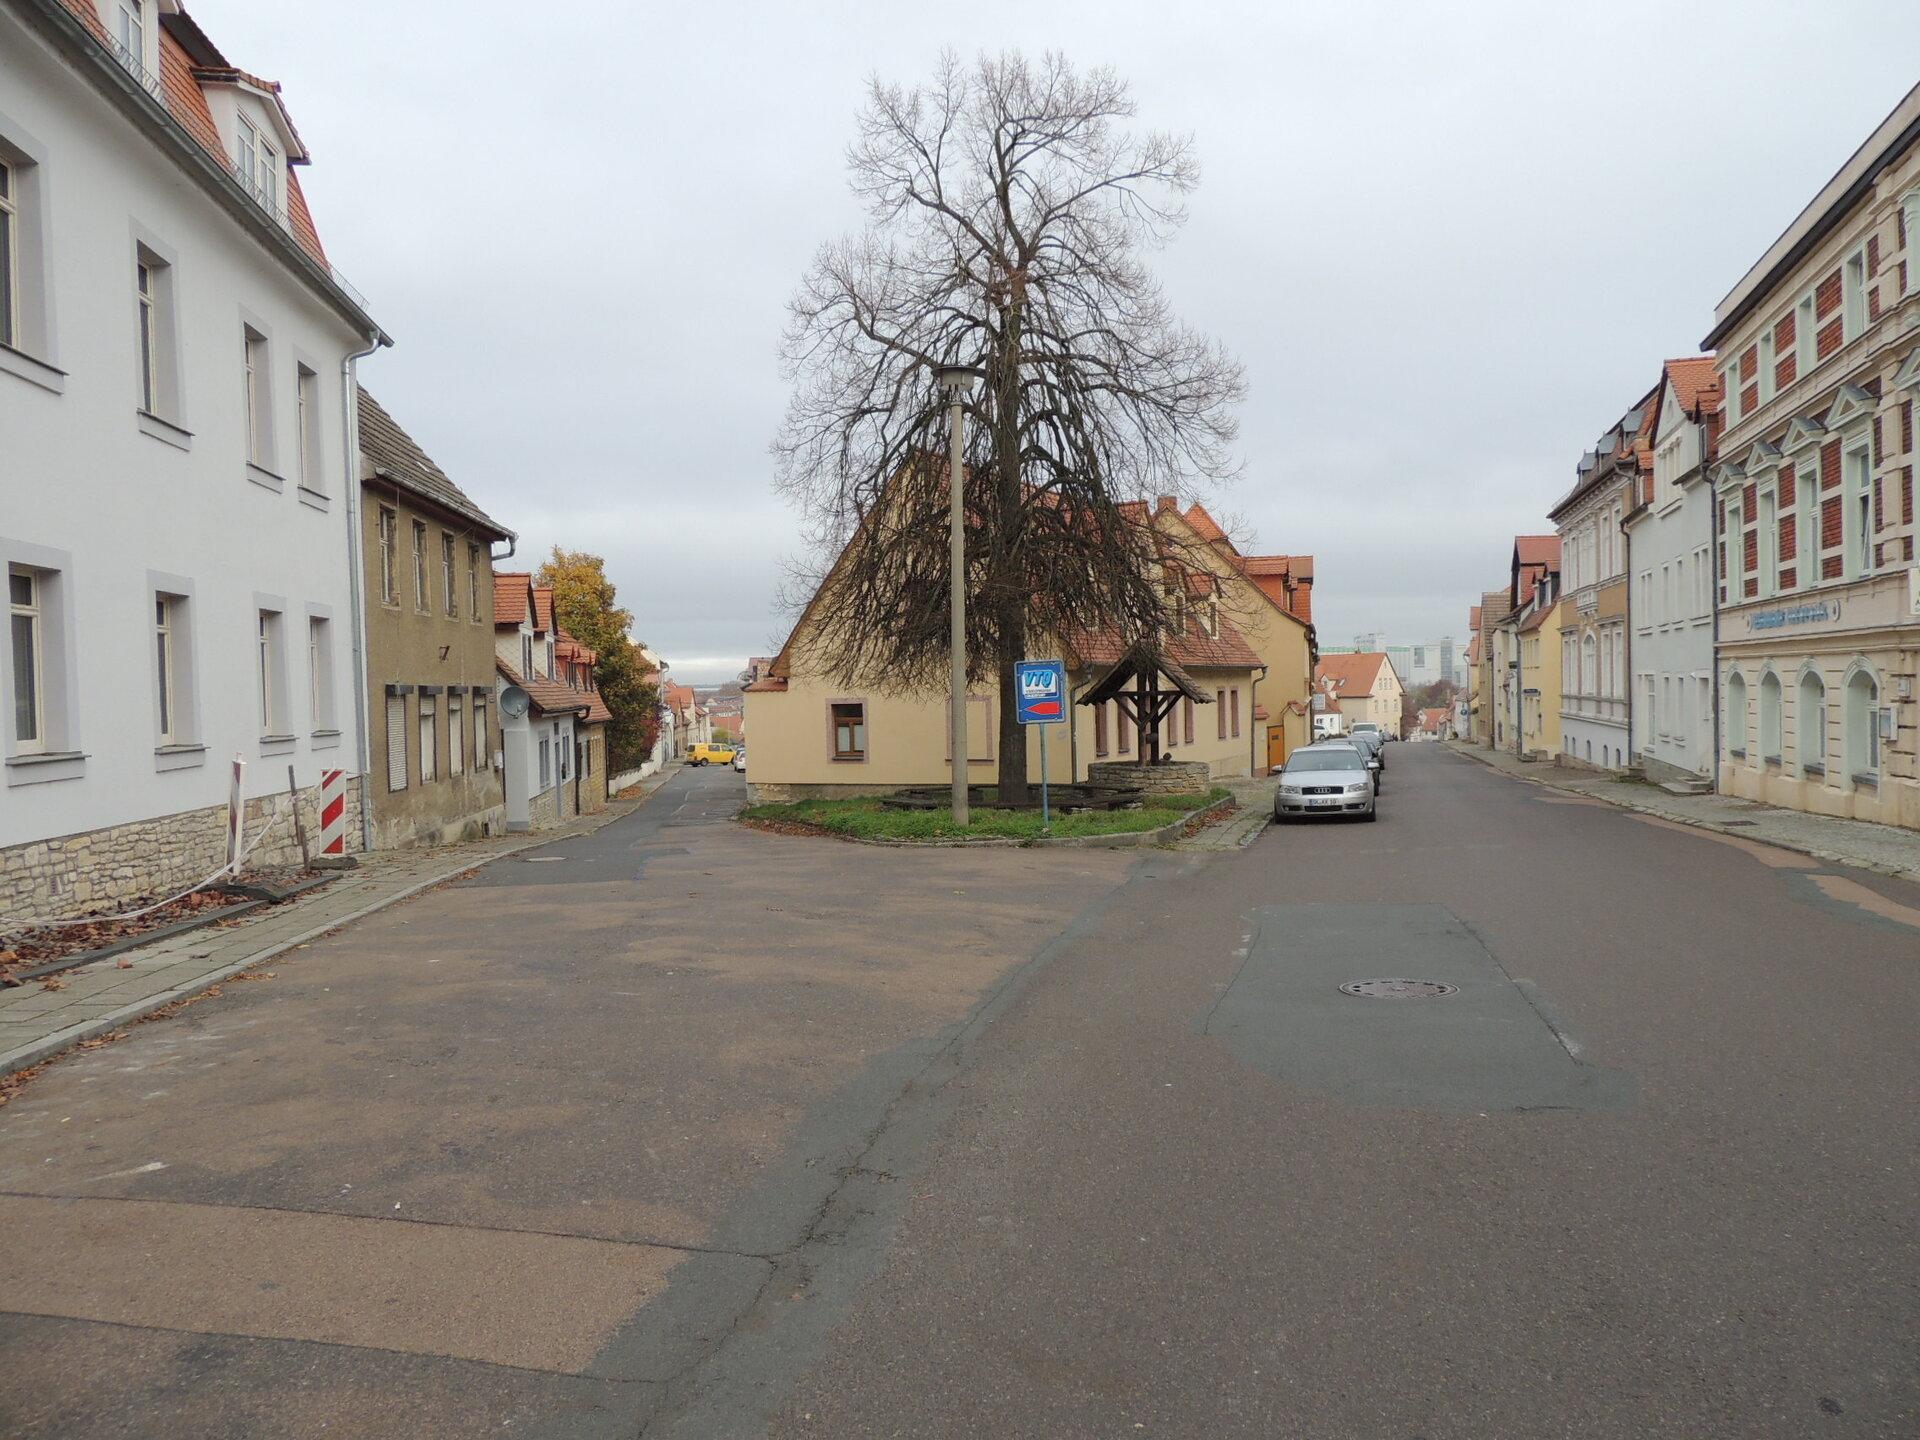 Freimarkt Ecke Grüne Straße (Brunnenplatz)